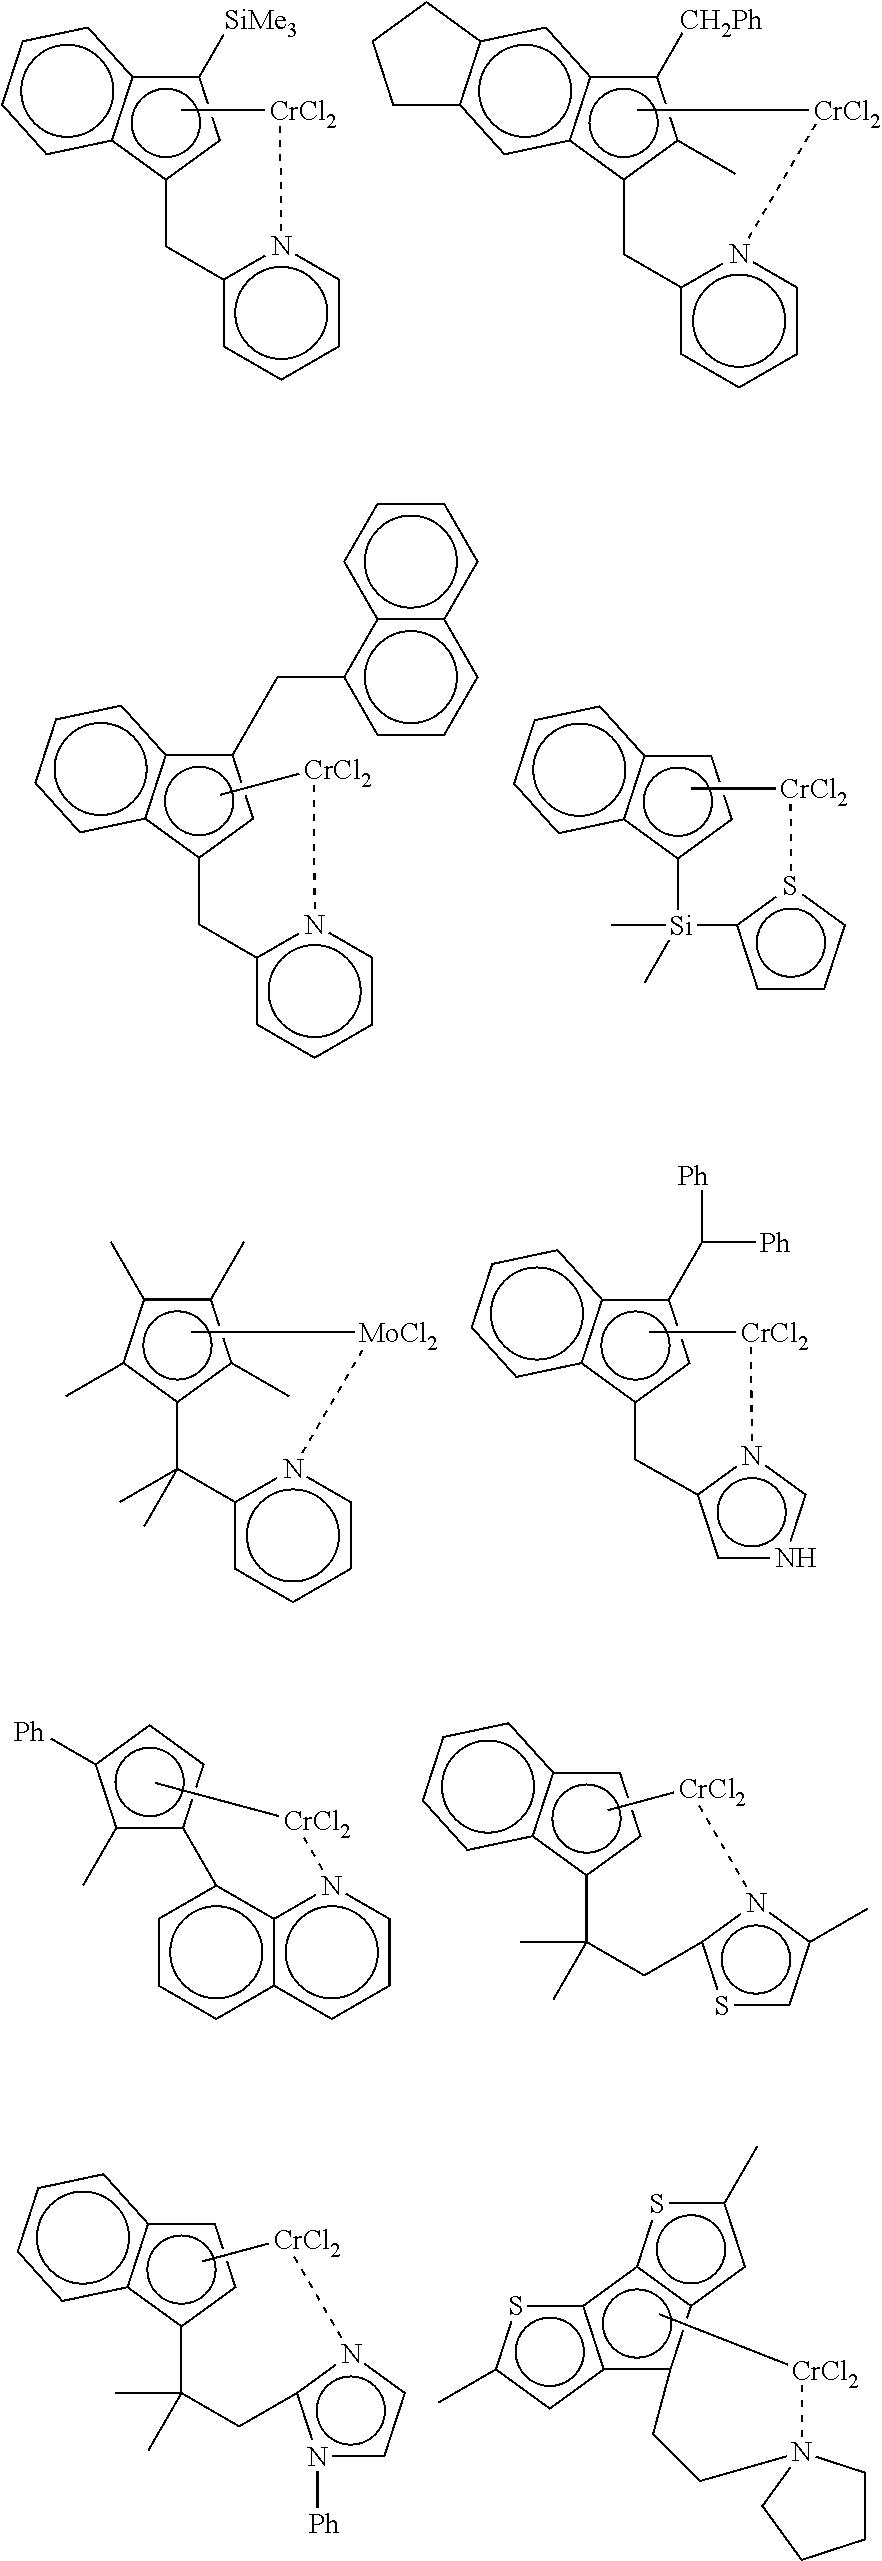 Figure US20110213107A1-20110901-C00001